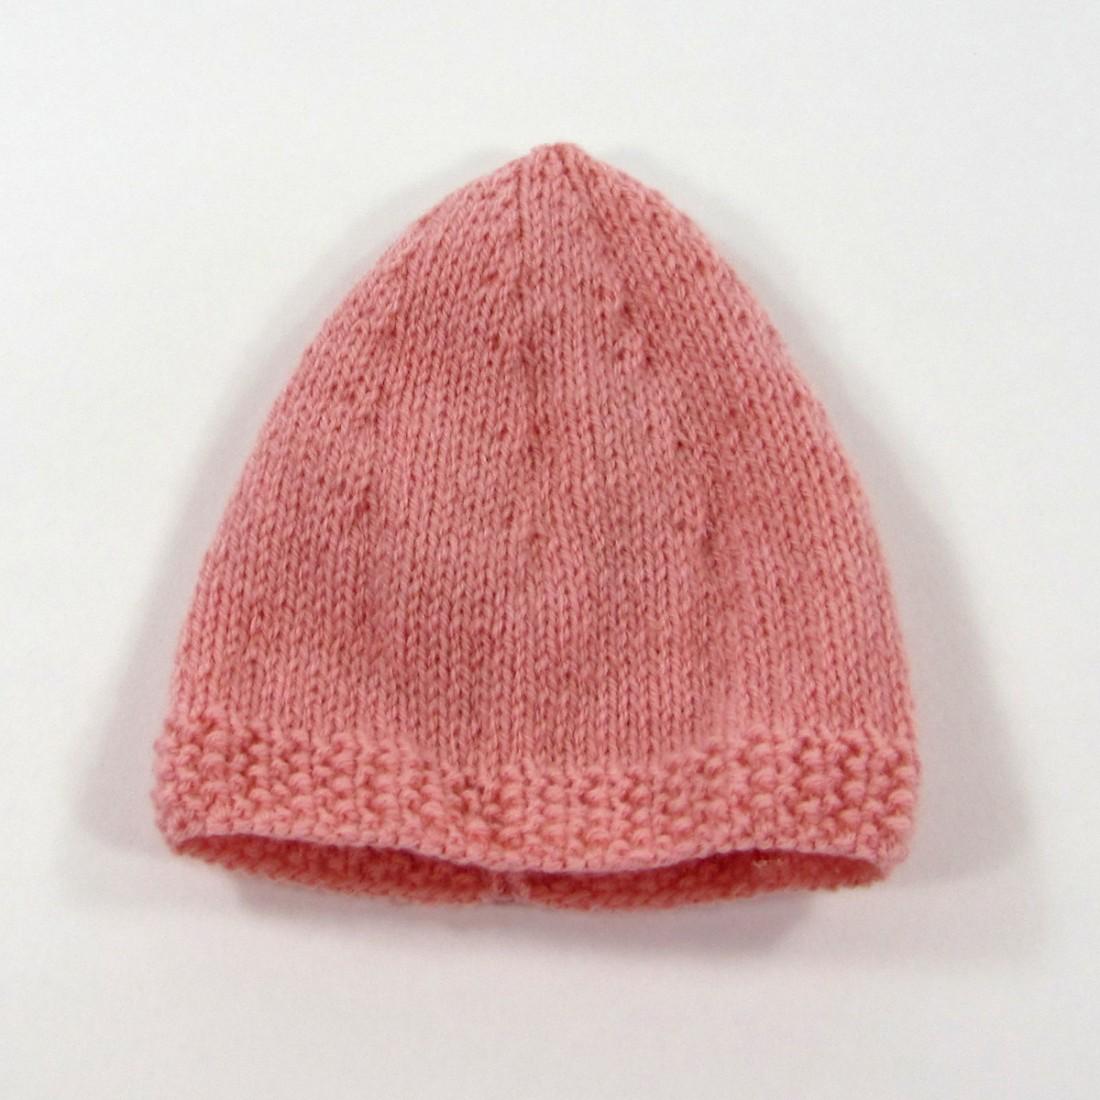 Bonnet de naissance en laine rose poudre tricoté pour bébé fille 87663bcc86b